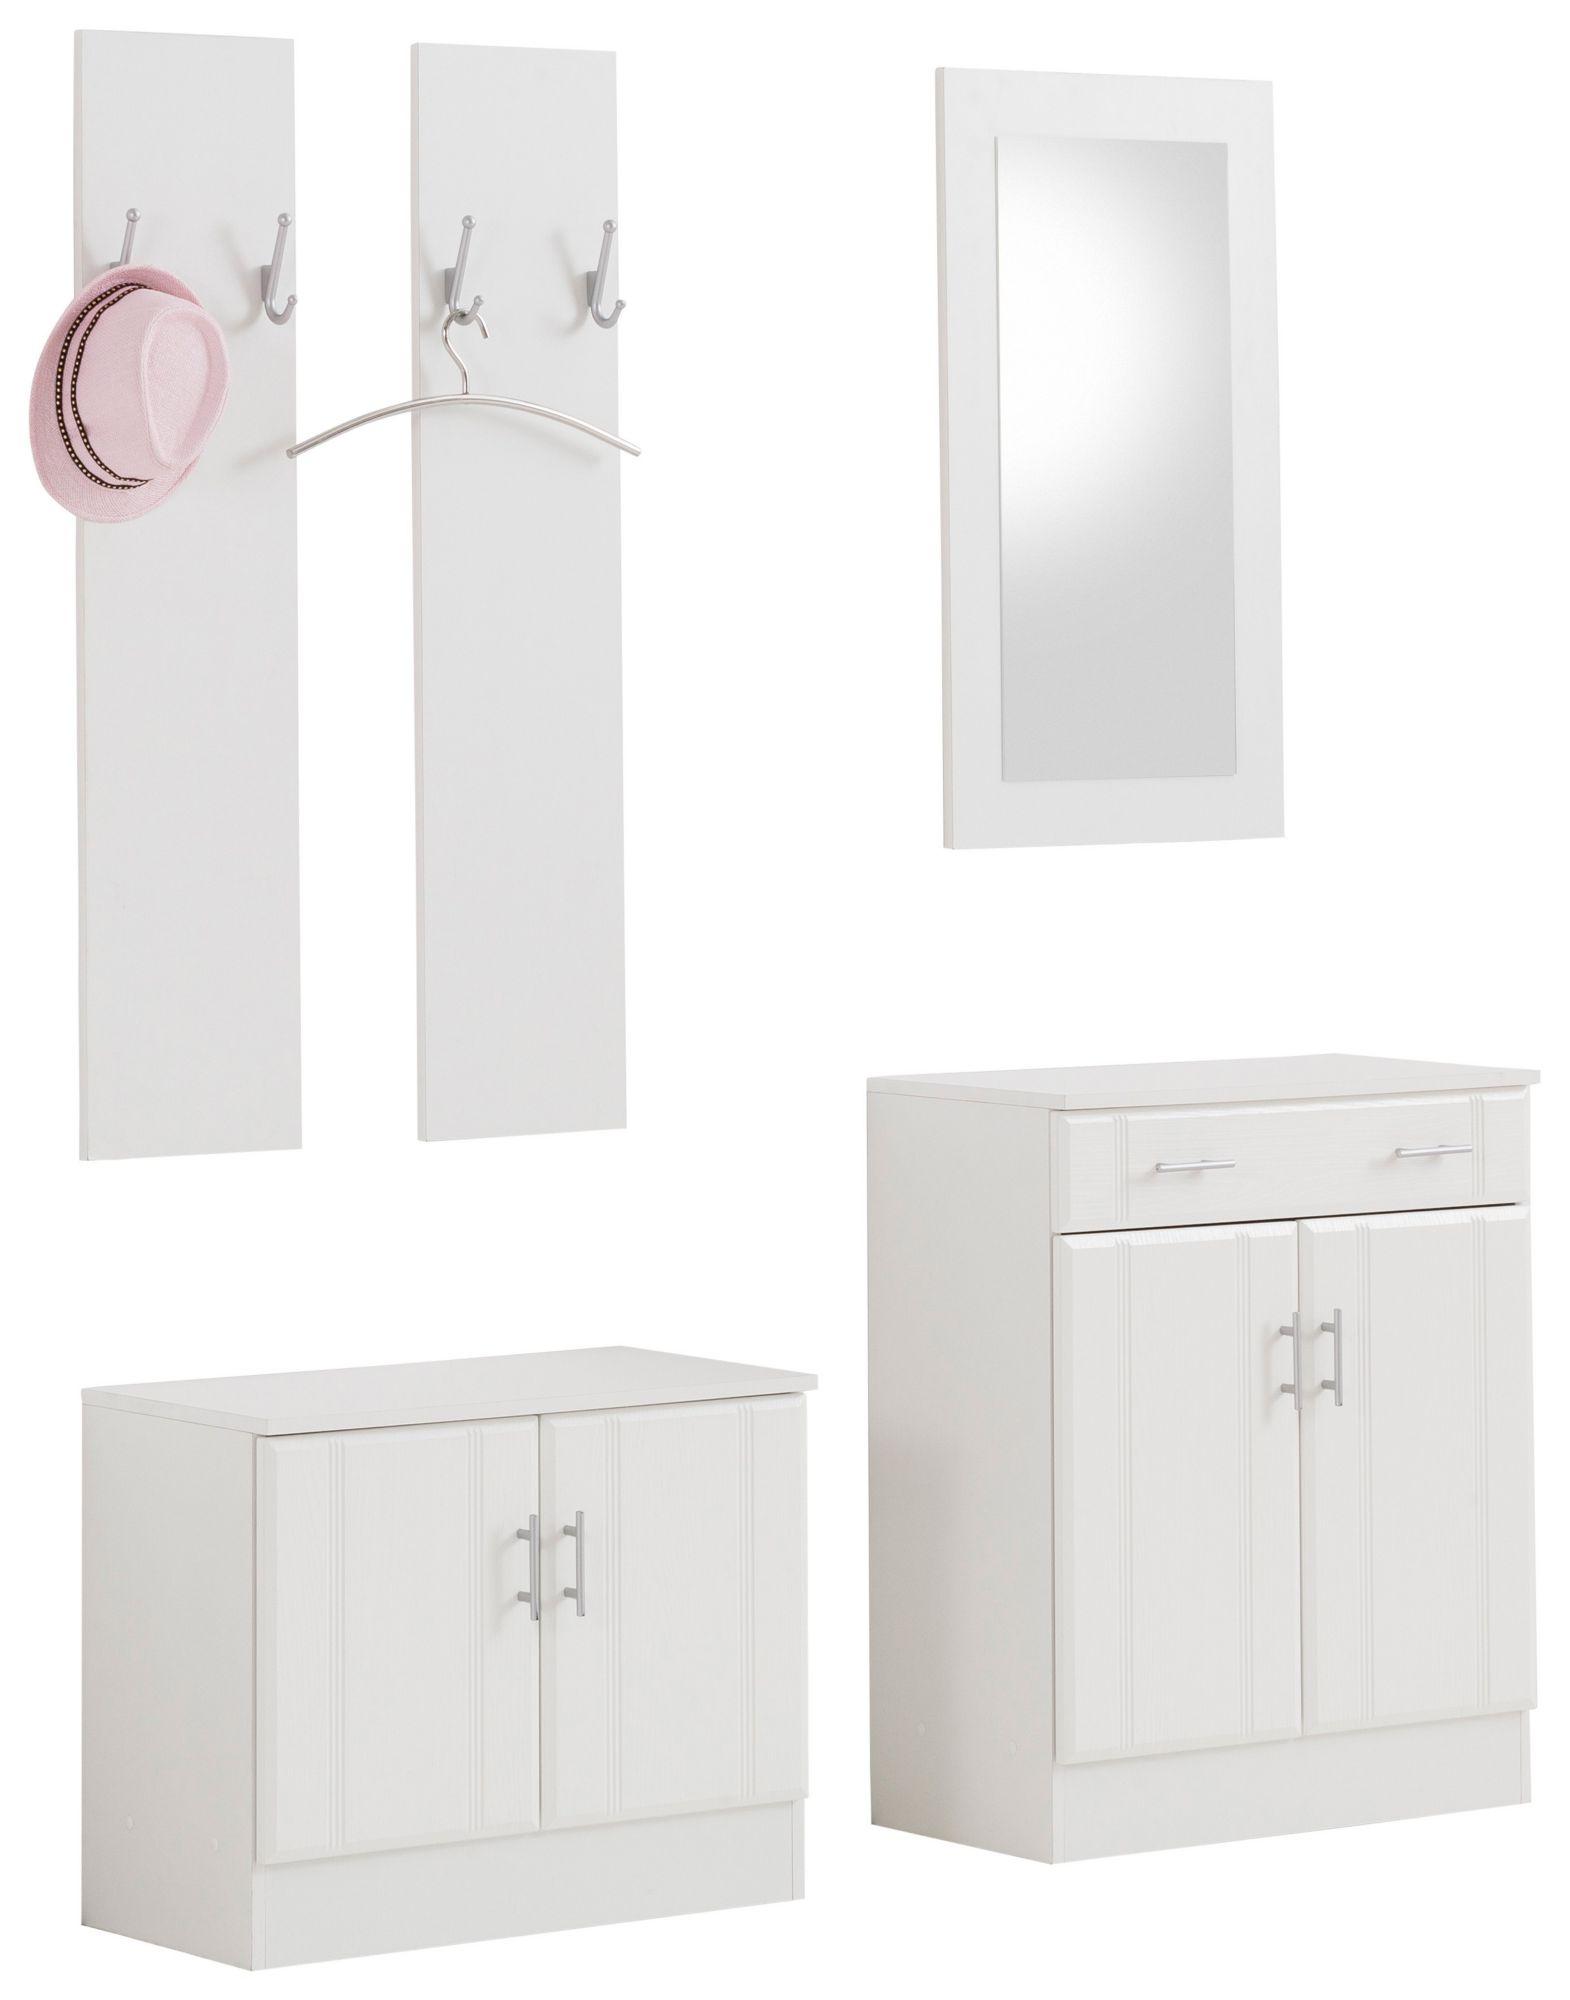 garderobe garderoben set 5 tlg wei hochglanz sonoma eiche. Black Bedroom Furniture Sets. Home Design Ideas